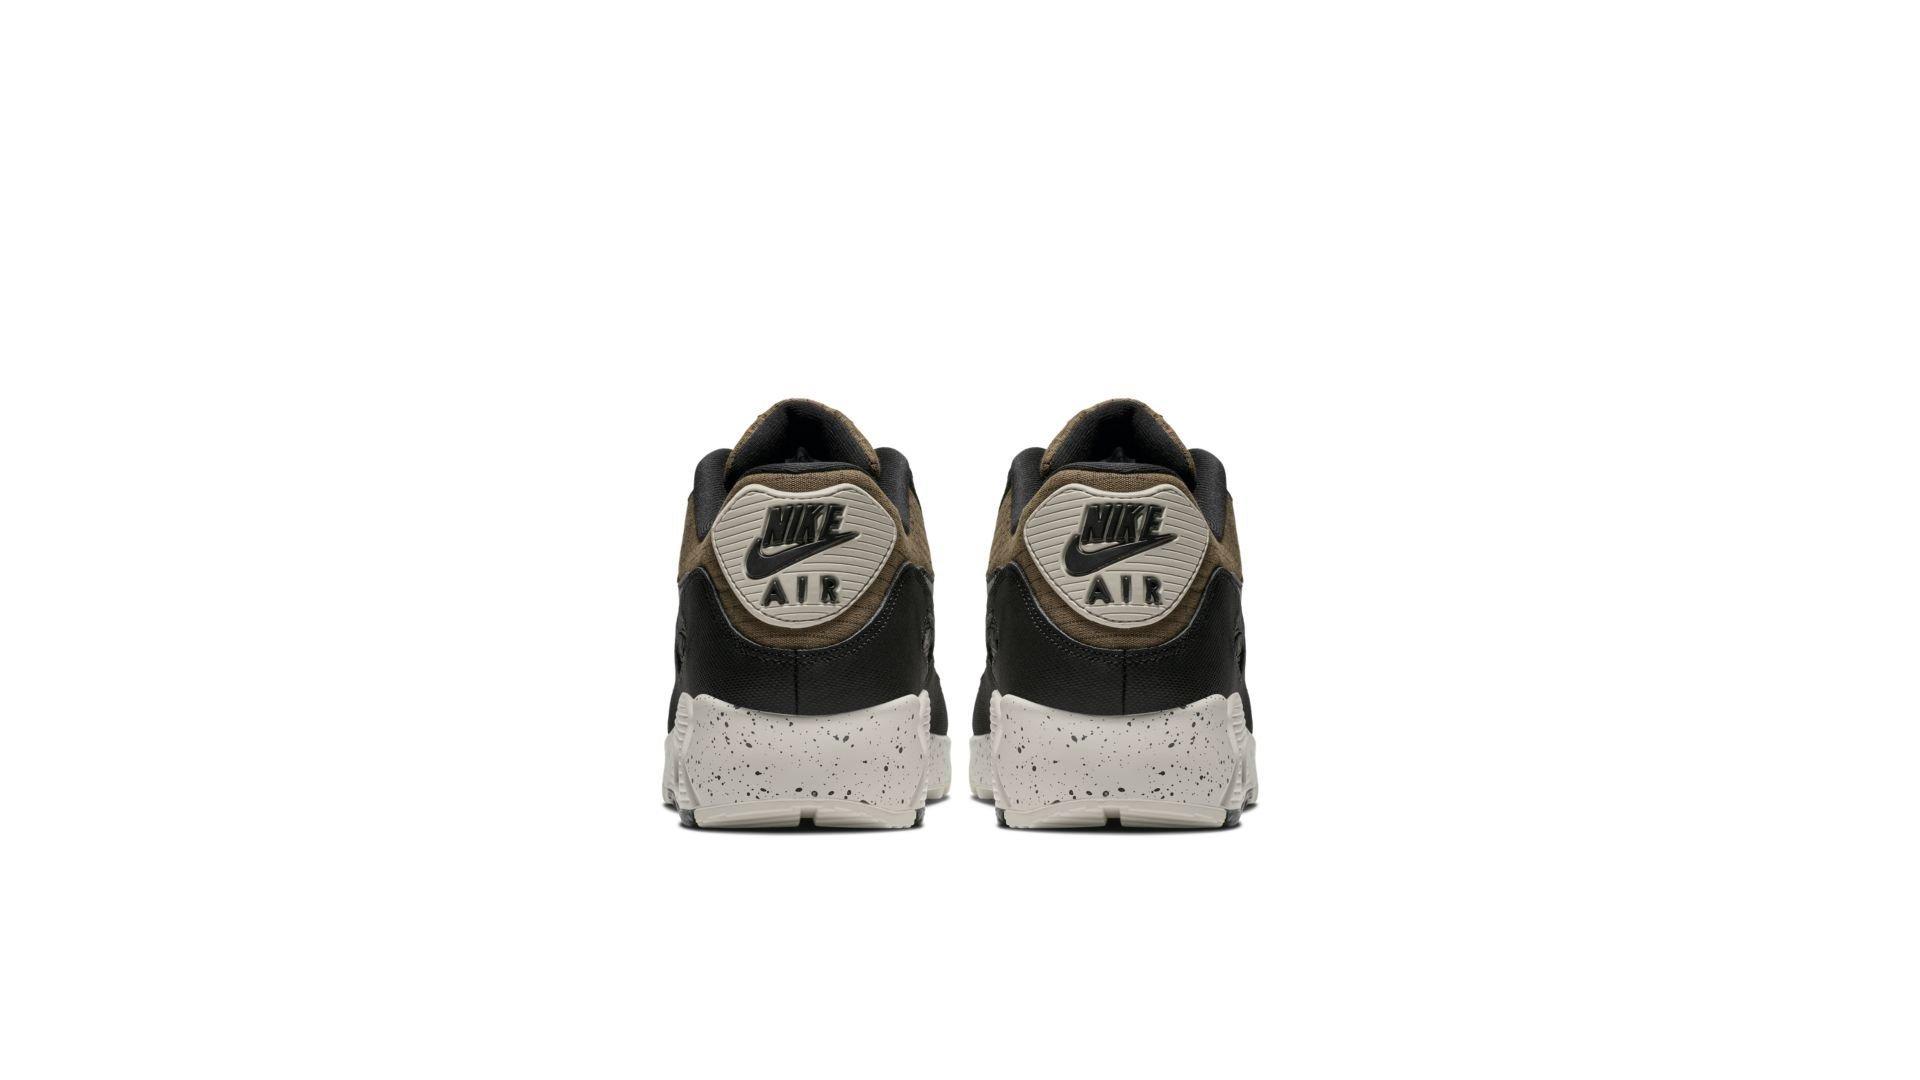 Nike Air Max 90 700155-203